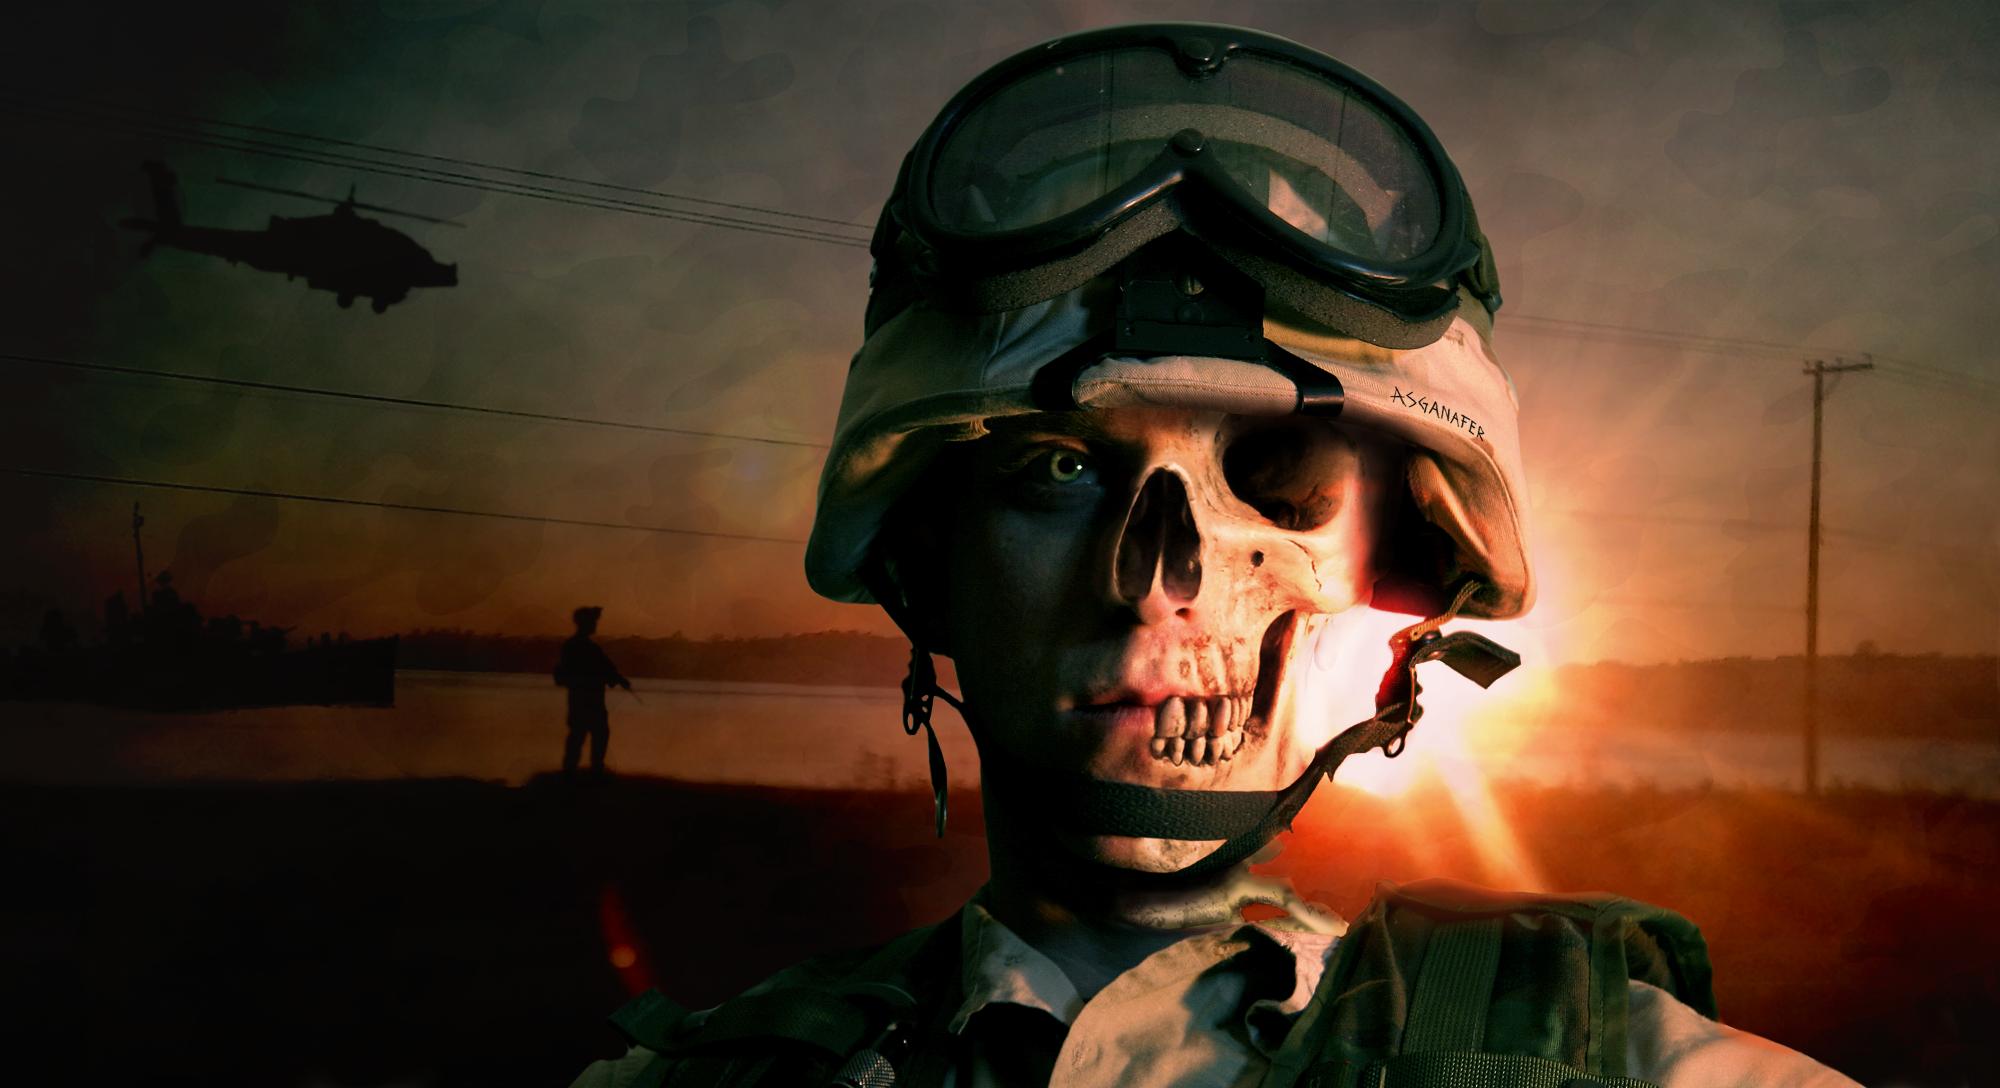 Soldier_FinalSmall